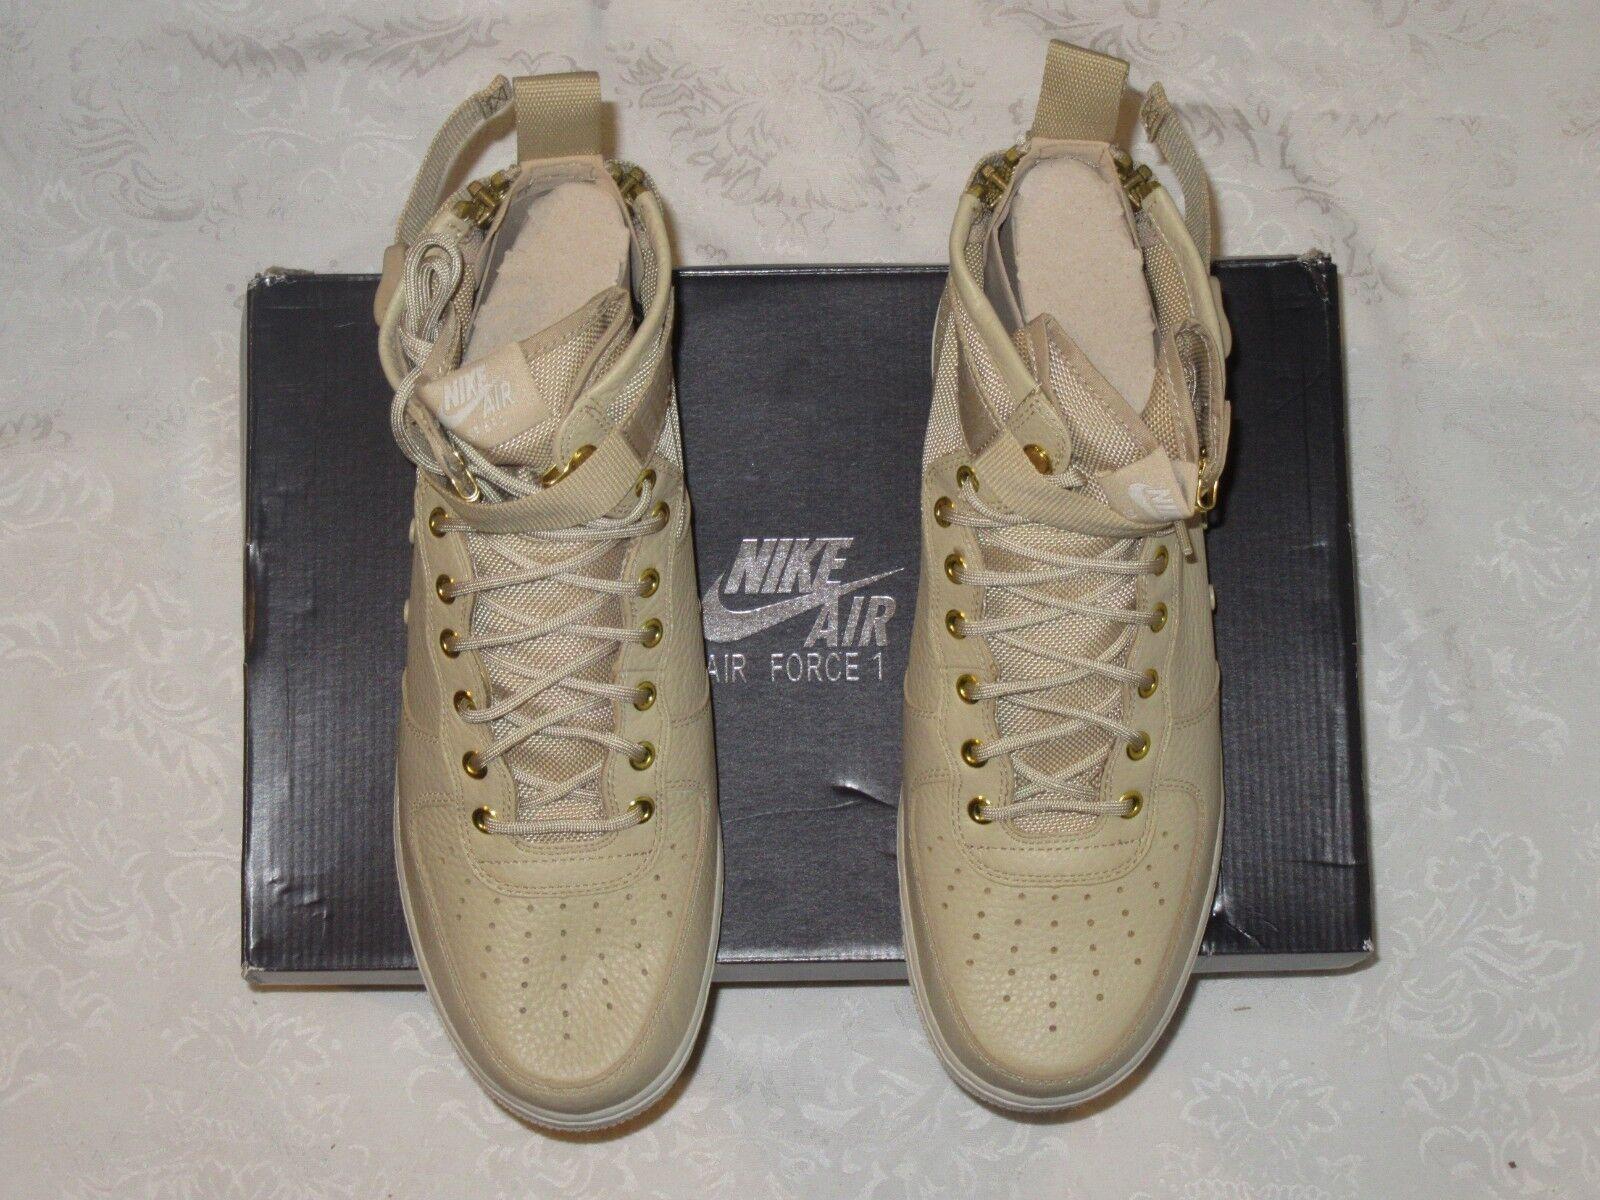 Nike SF AF1 Mid Air Force 1 Mushroom 917753 200 Men's US Size 11 Sneakers